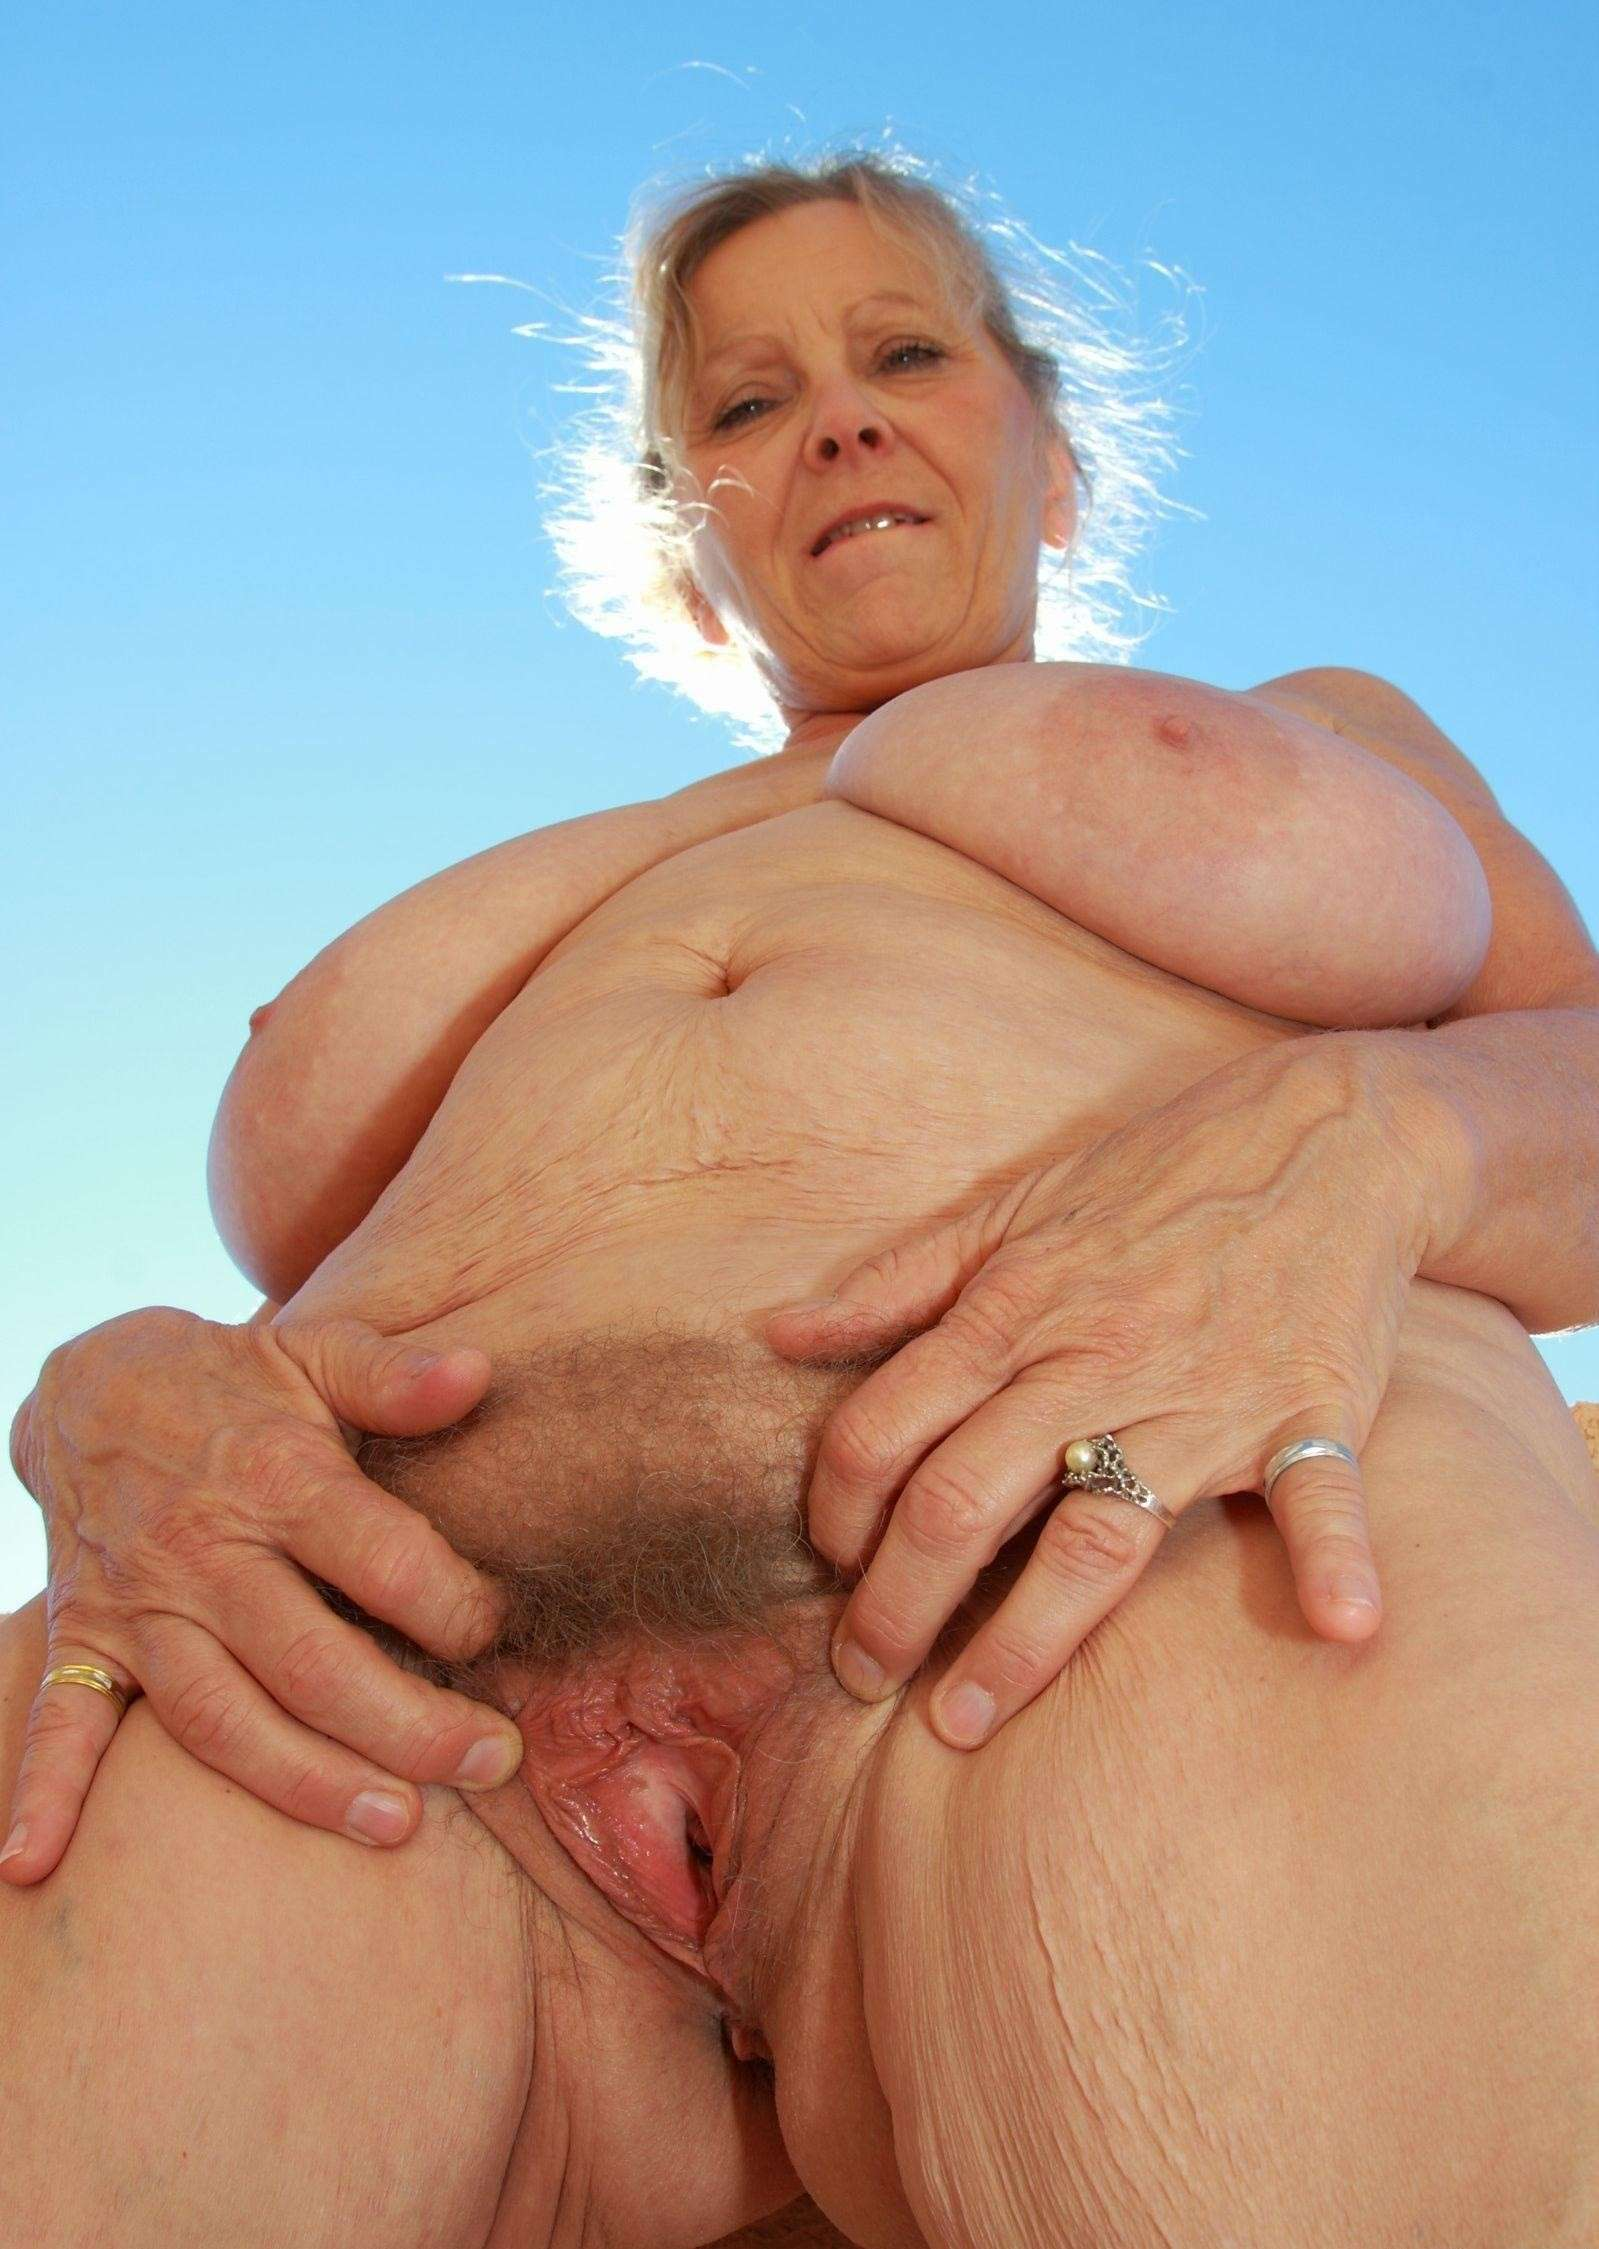 страстном старушка порно фото крупным планом посетитель, зашли сайт